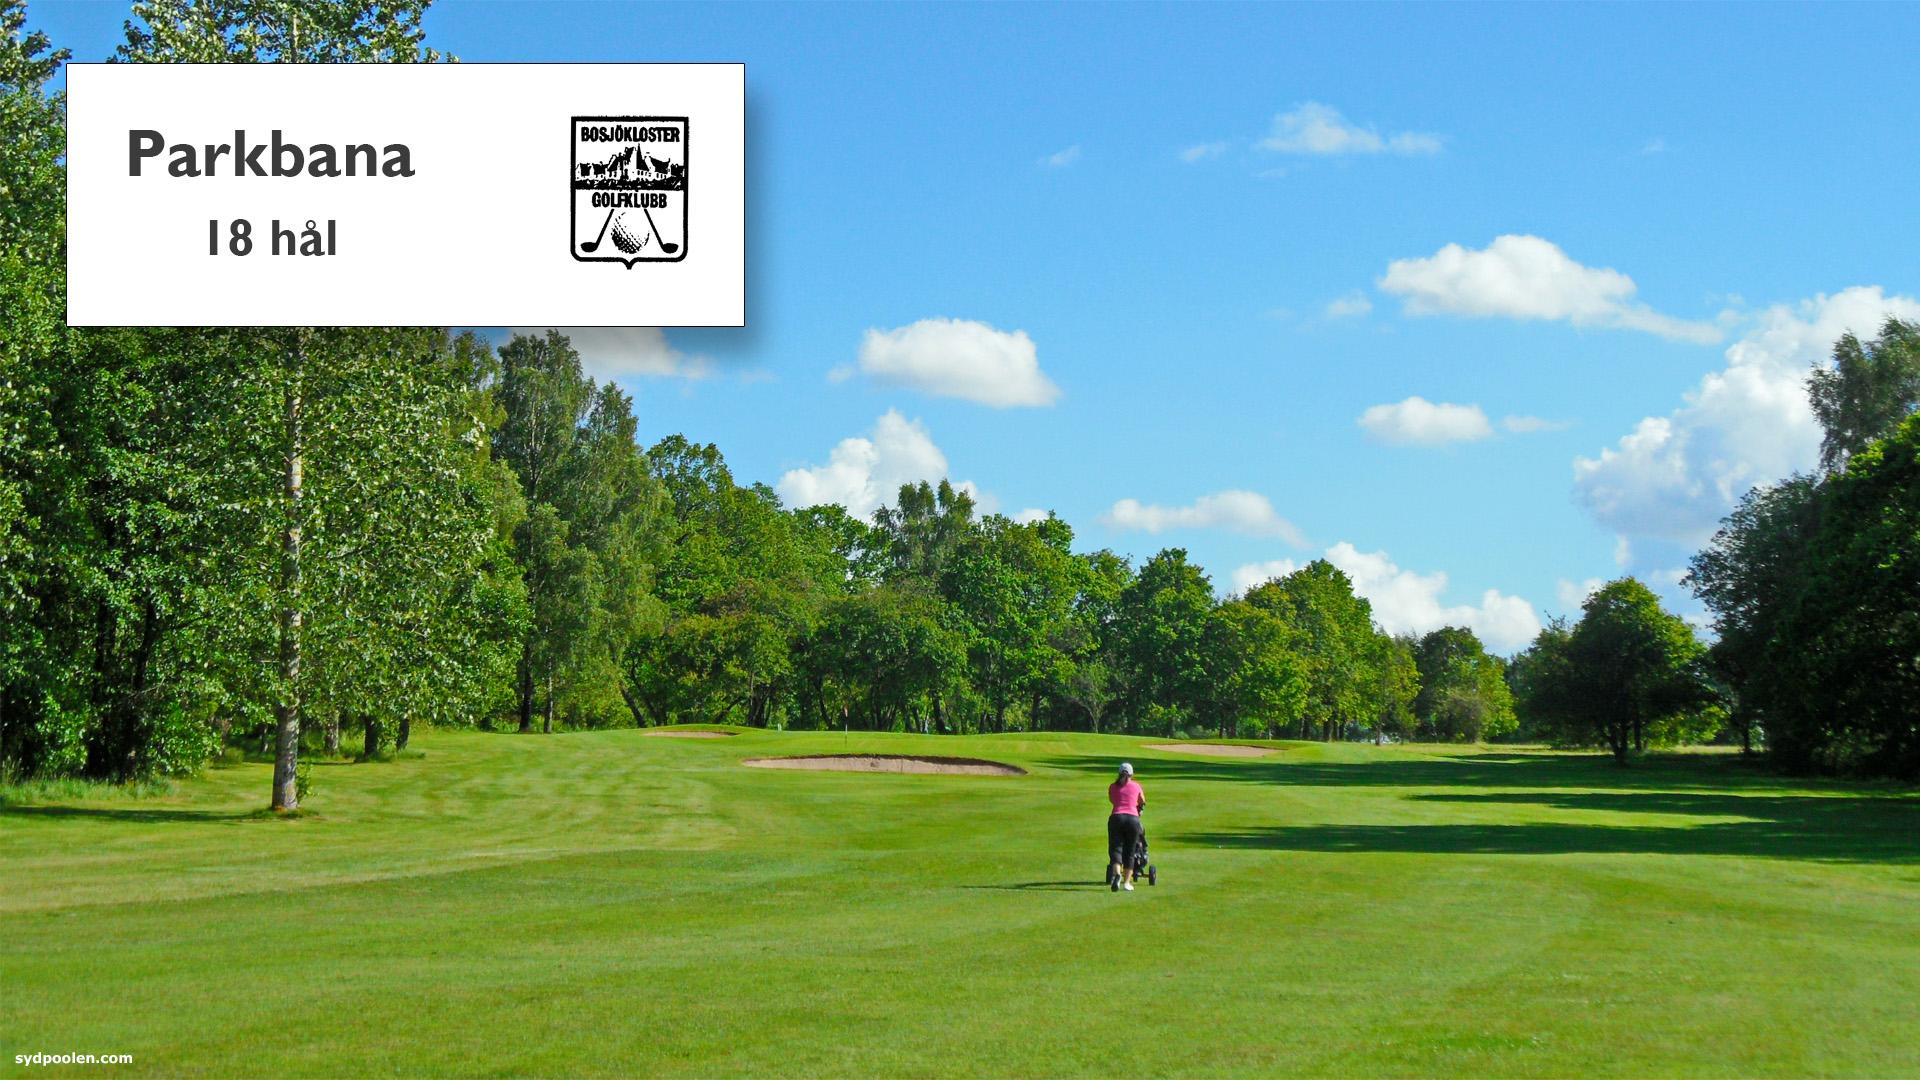 Bosjöklosters Golfklubb